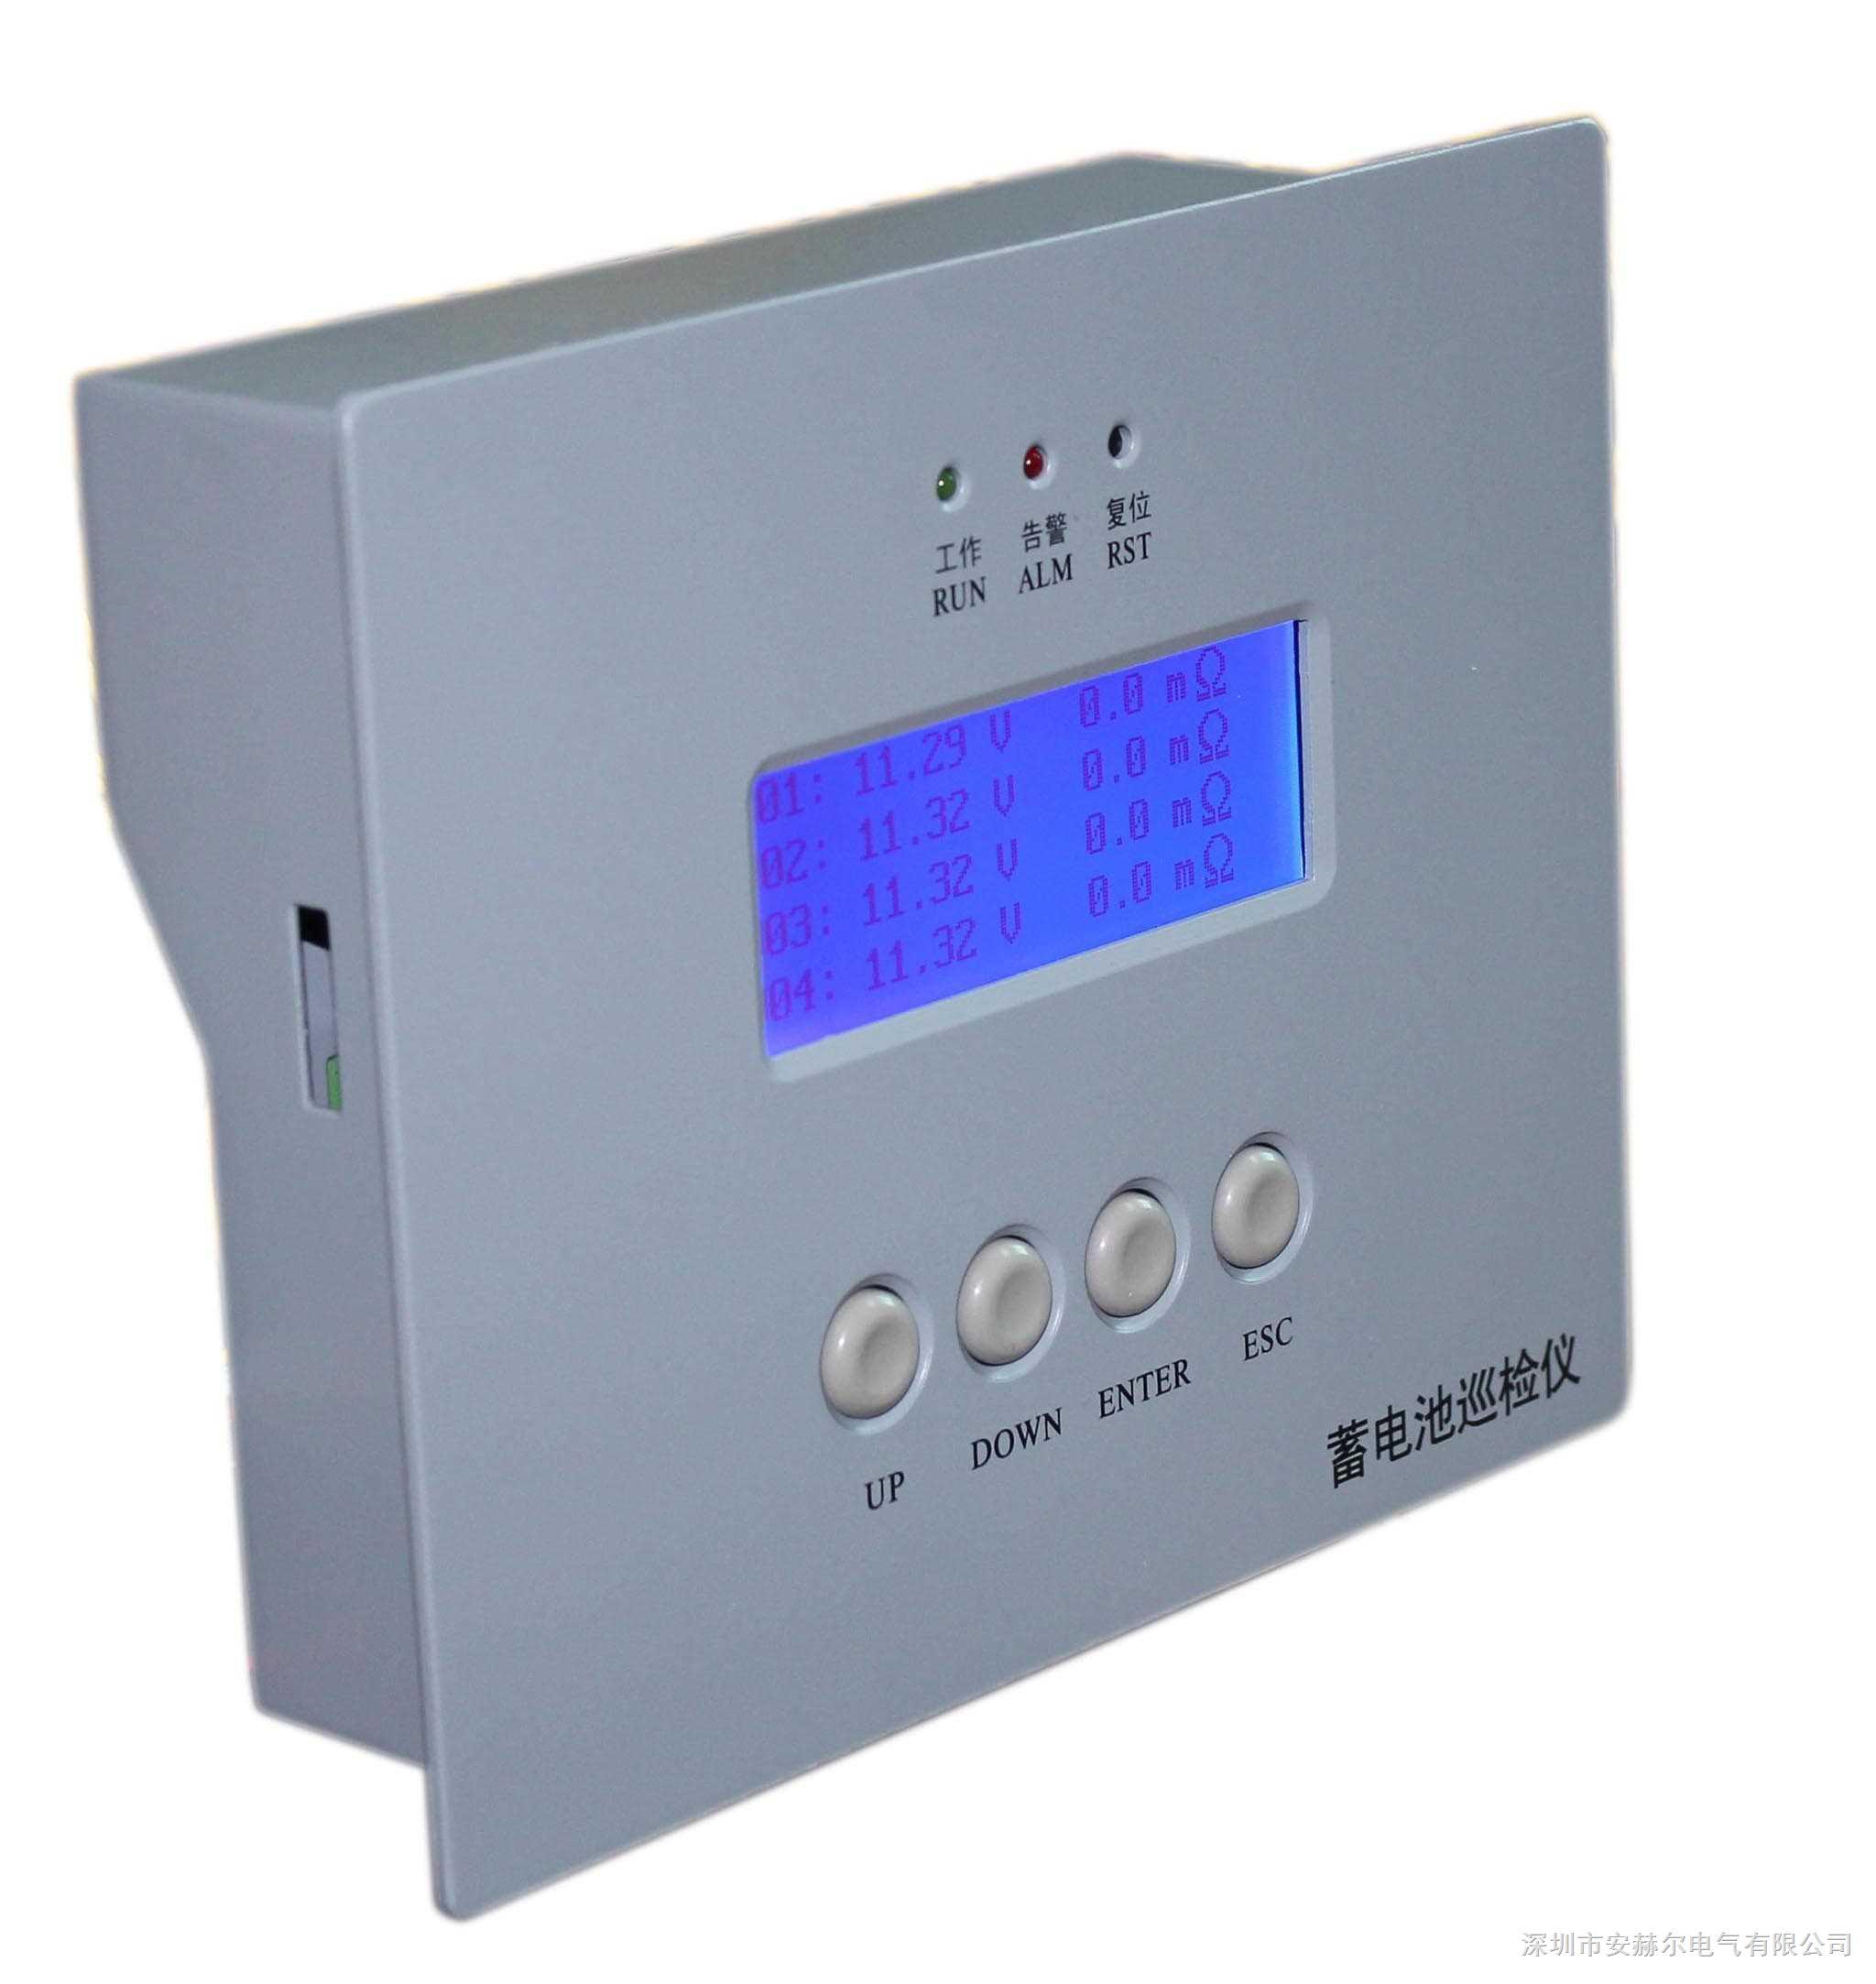 EPS消防电源上用的电池巡检仪,电池检测仪,EPS电池巡检仪